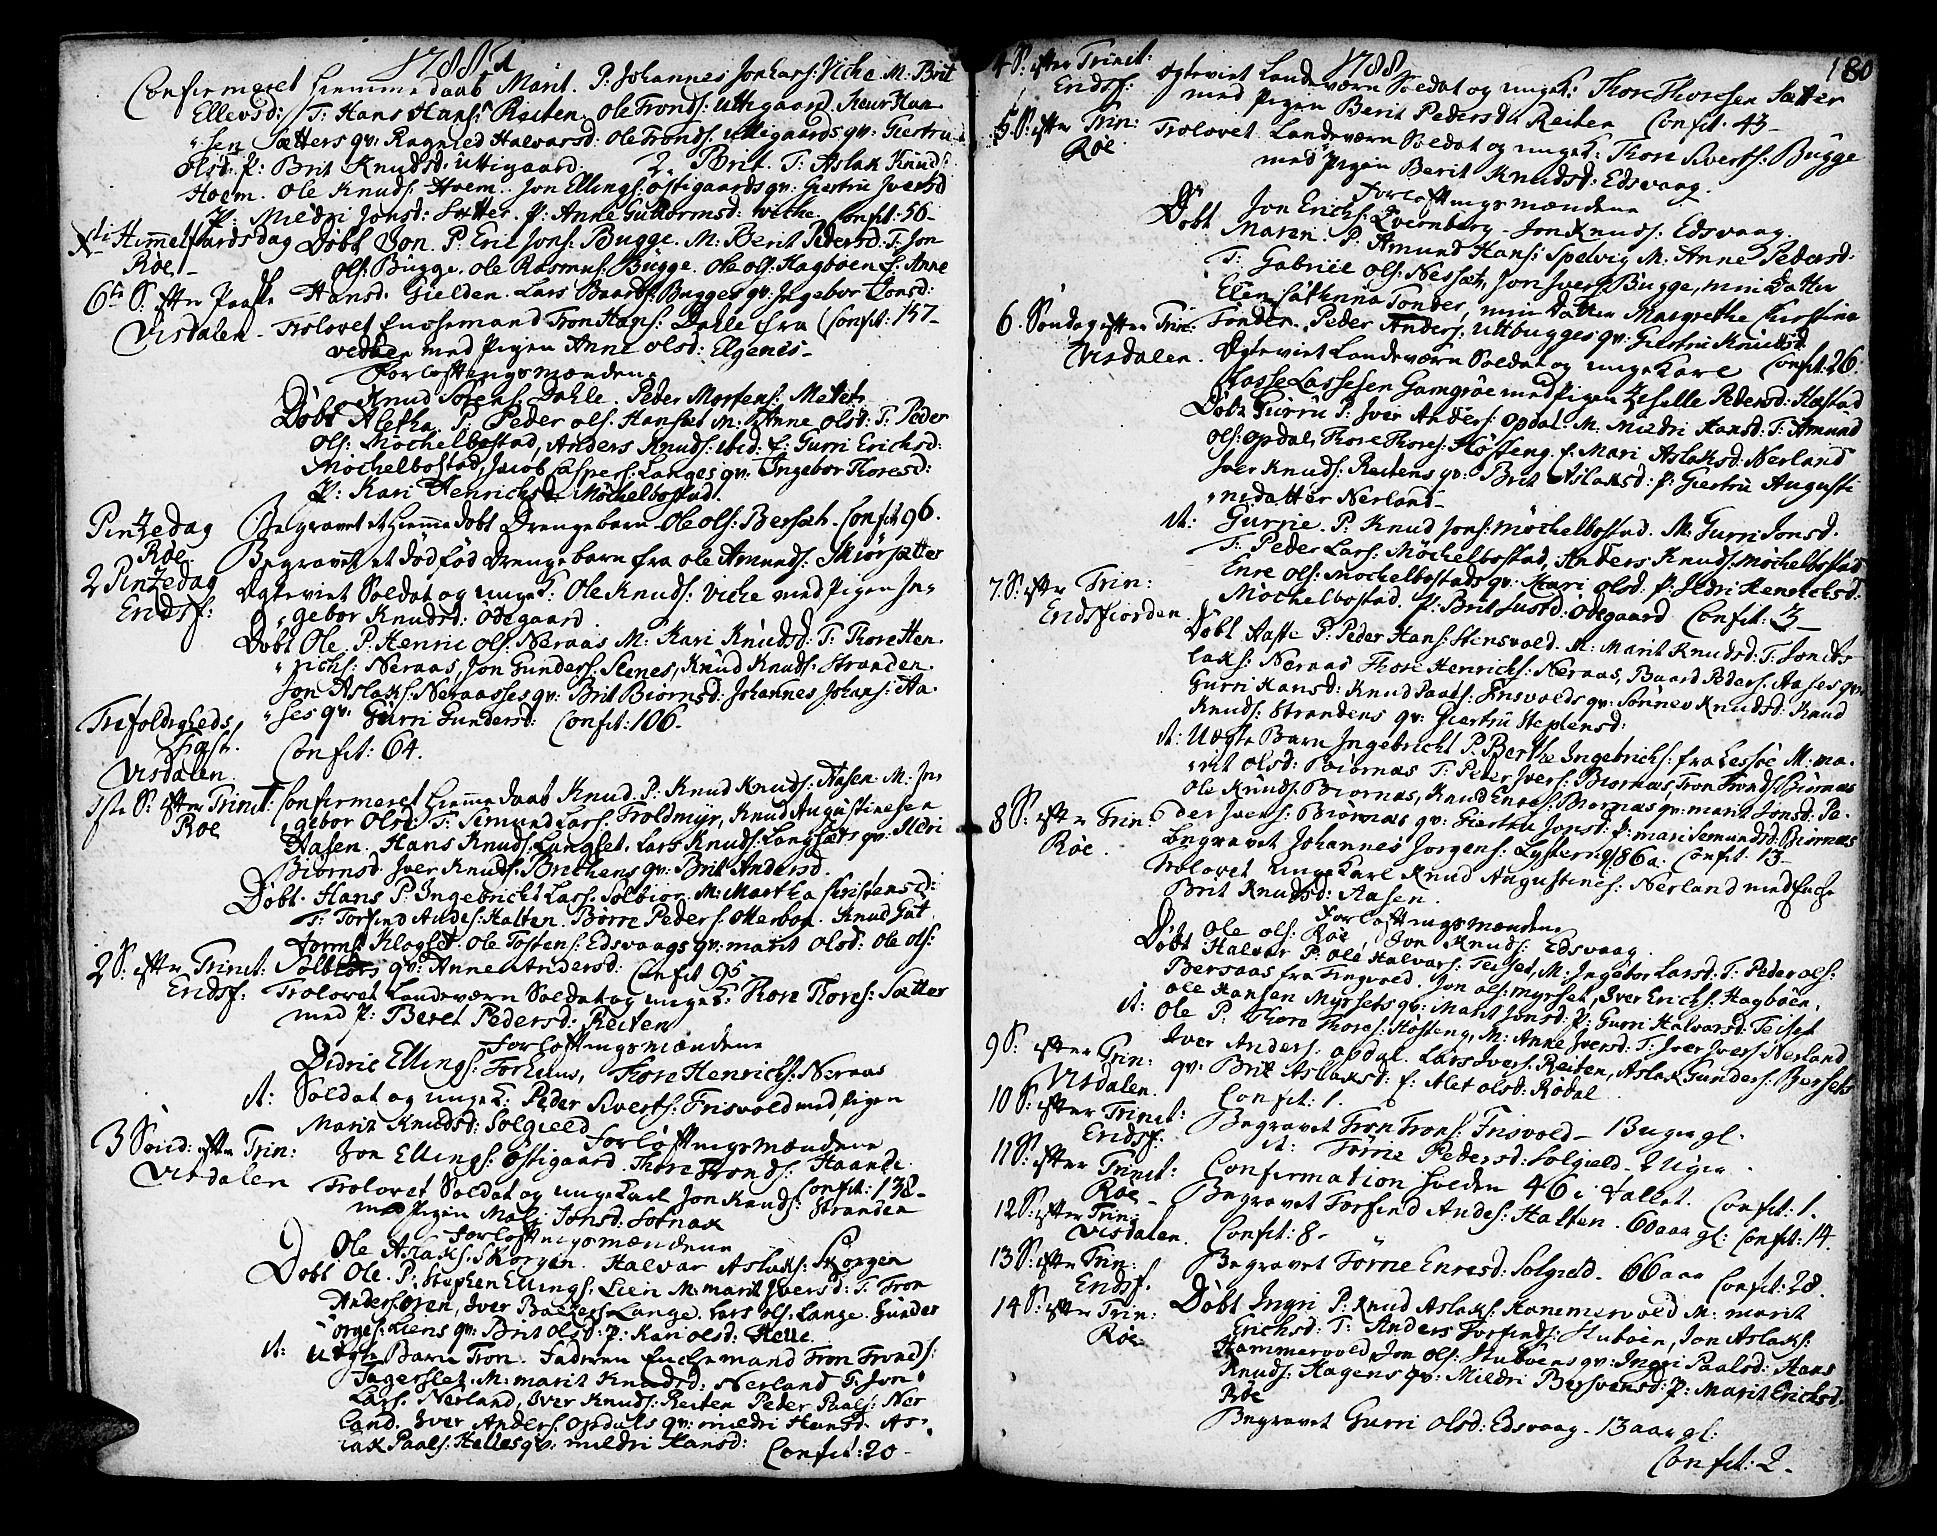 SAT, Ministerialprotokoller, klokkerbøker og fødselsregistre - Møre og Romsdal, 551/L0621: Ministerialbok nr. 551A01, 1757-1803, s. 180